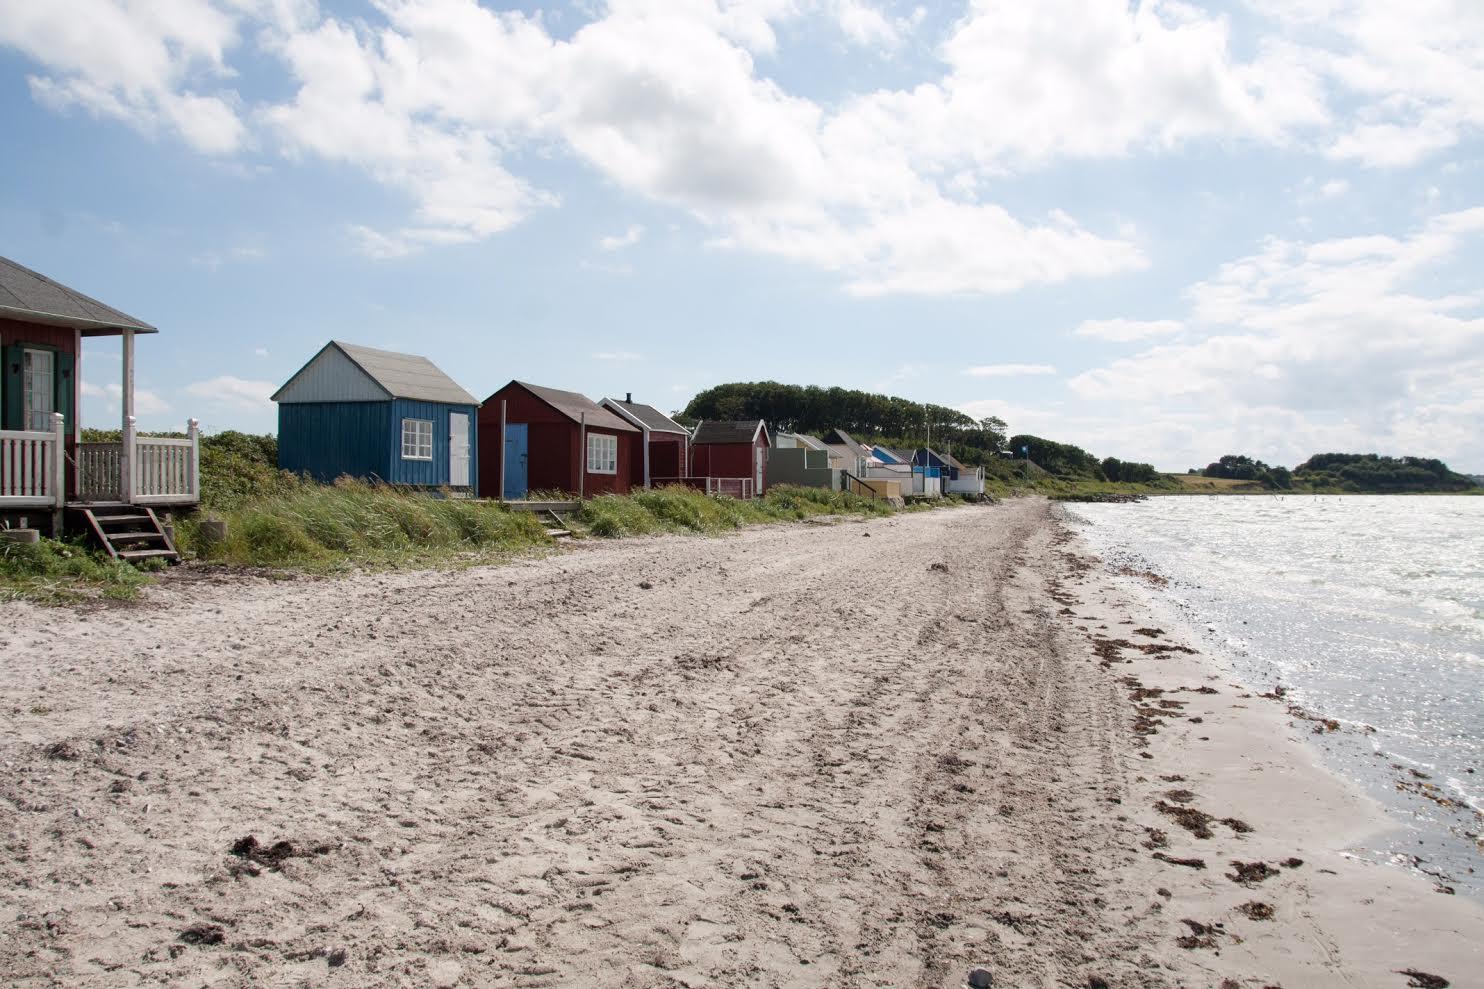 Ærø byder på omkring 80 kilometers kystlinje. Foto: Claus Holst Johansen